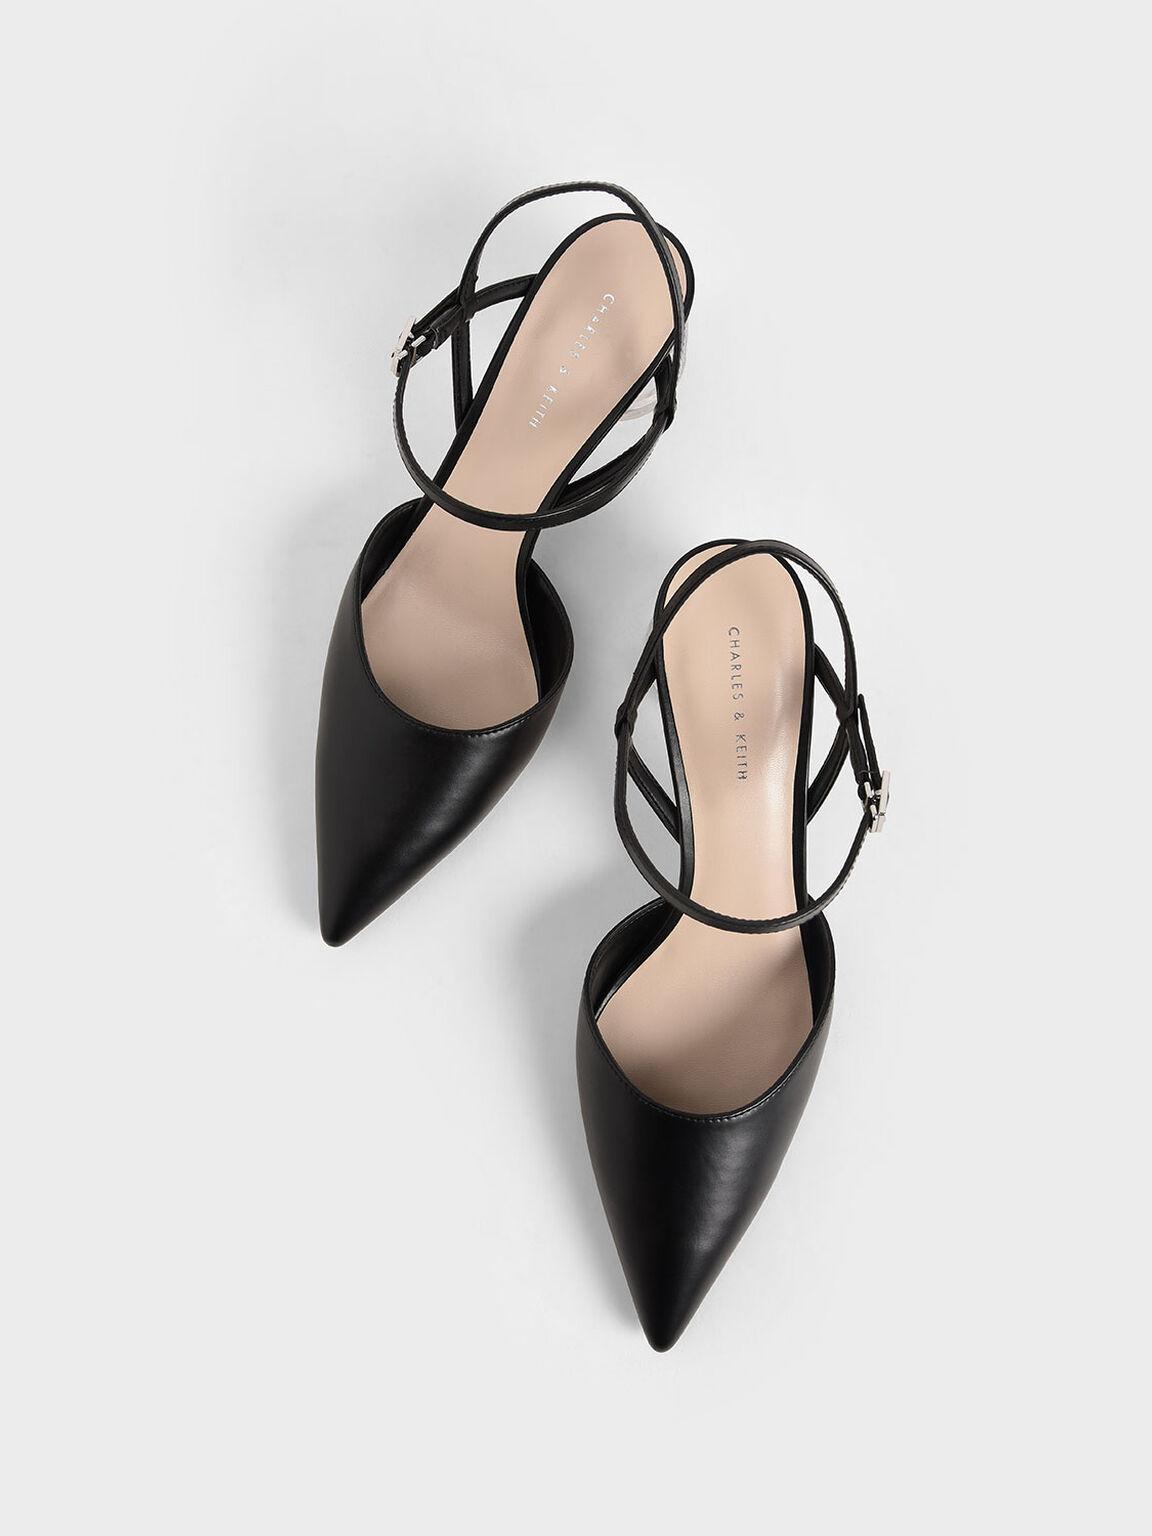 Sculptural Heel Ankle Strap Pumps, Black, hi-res